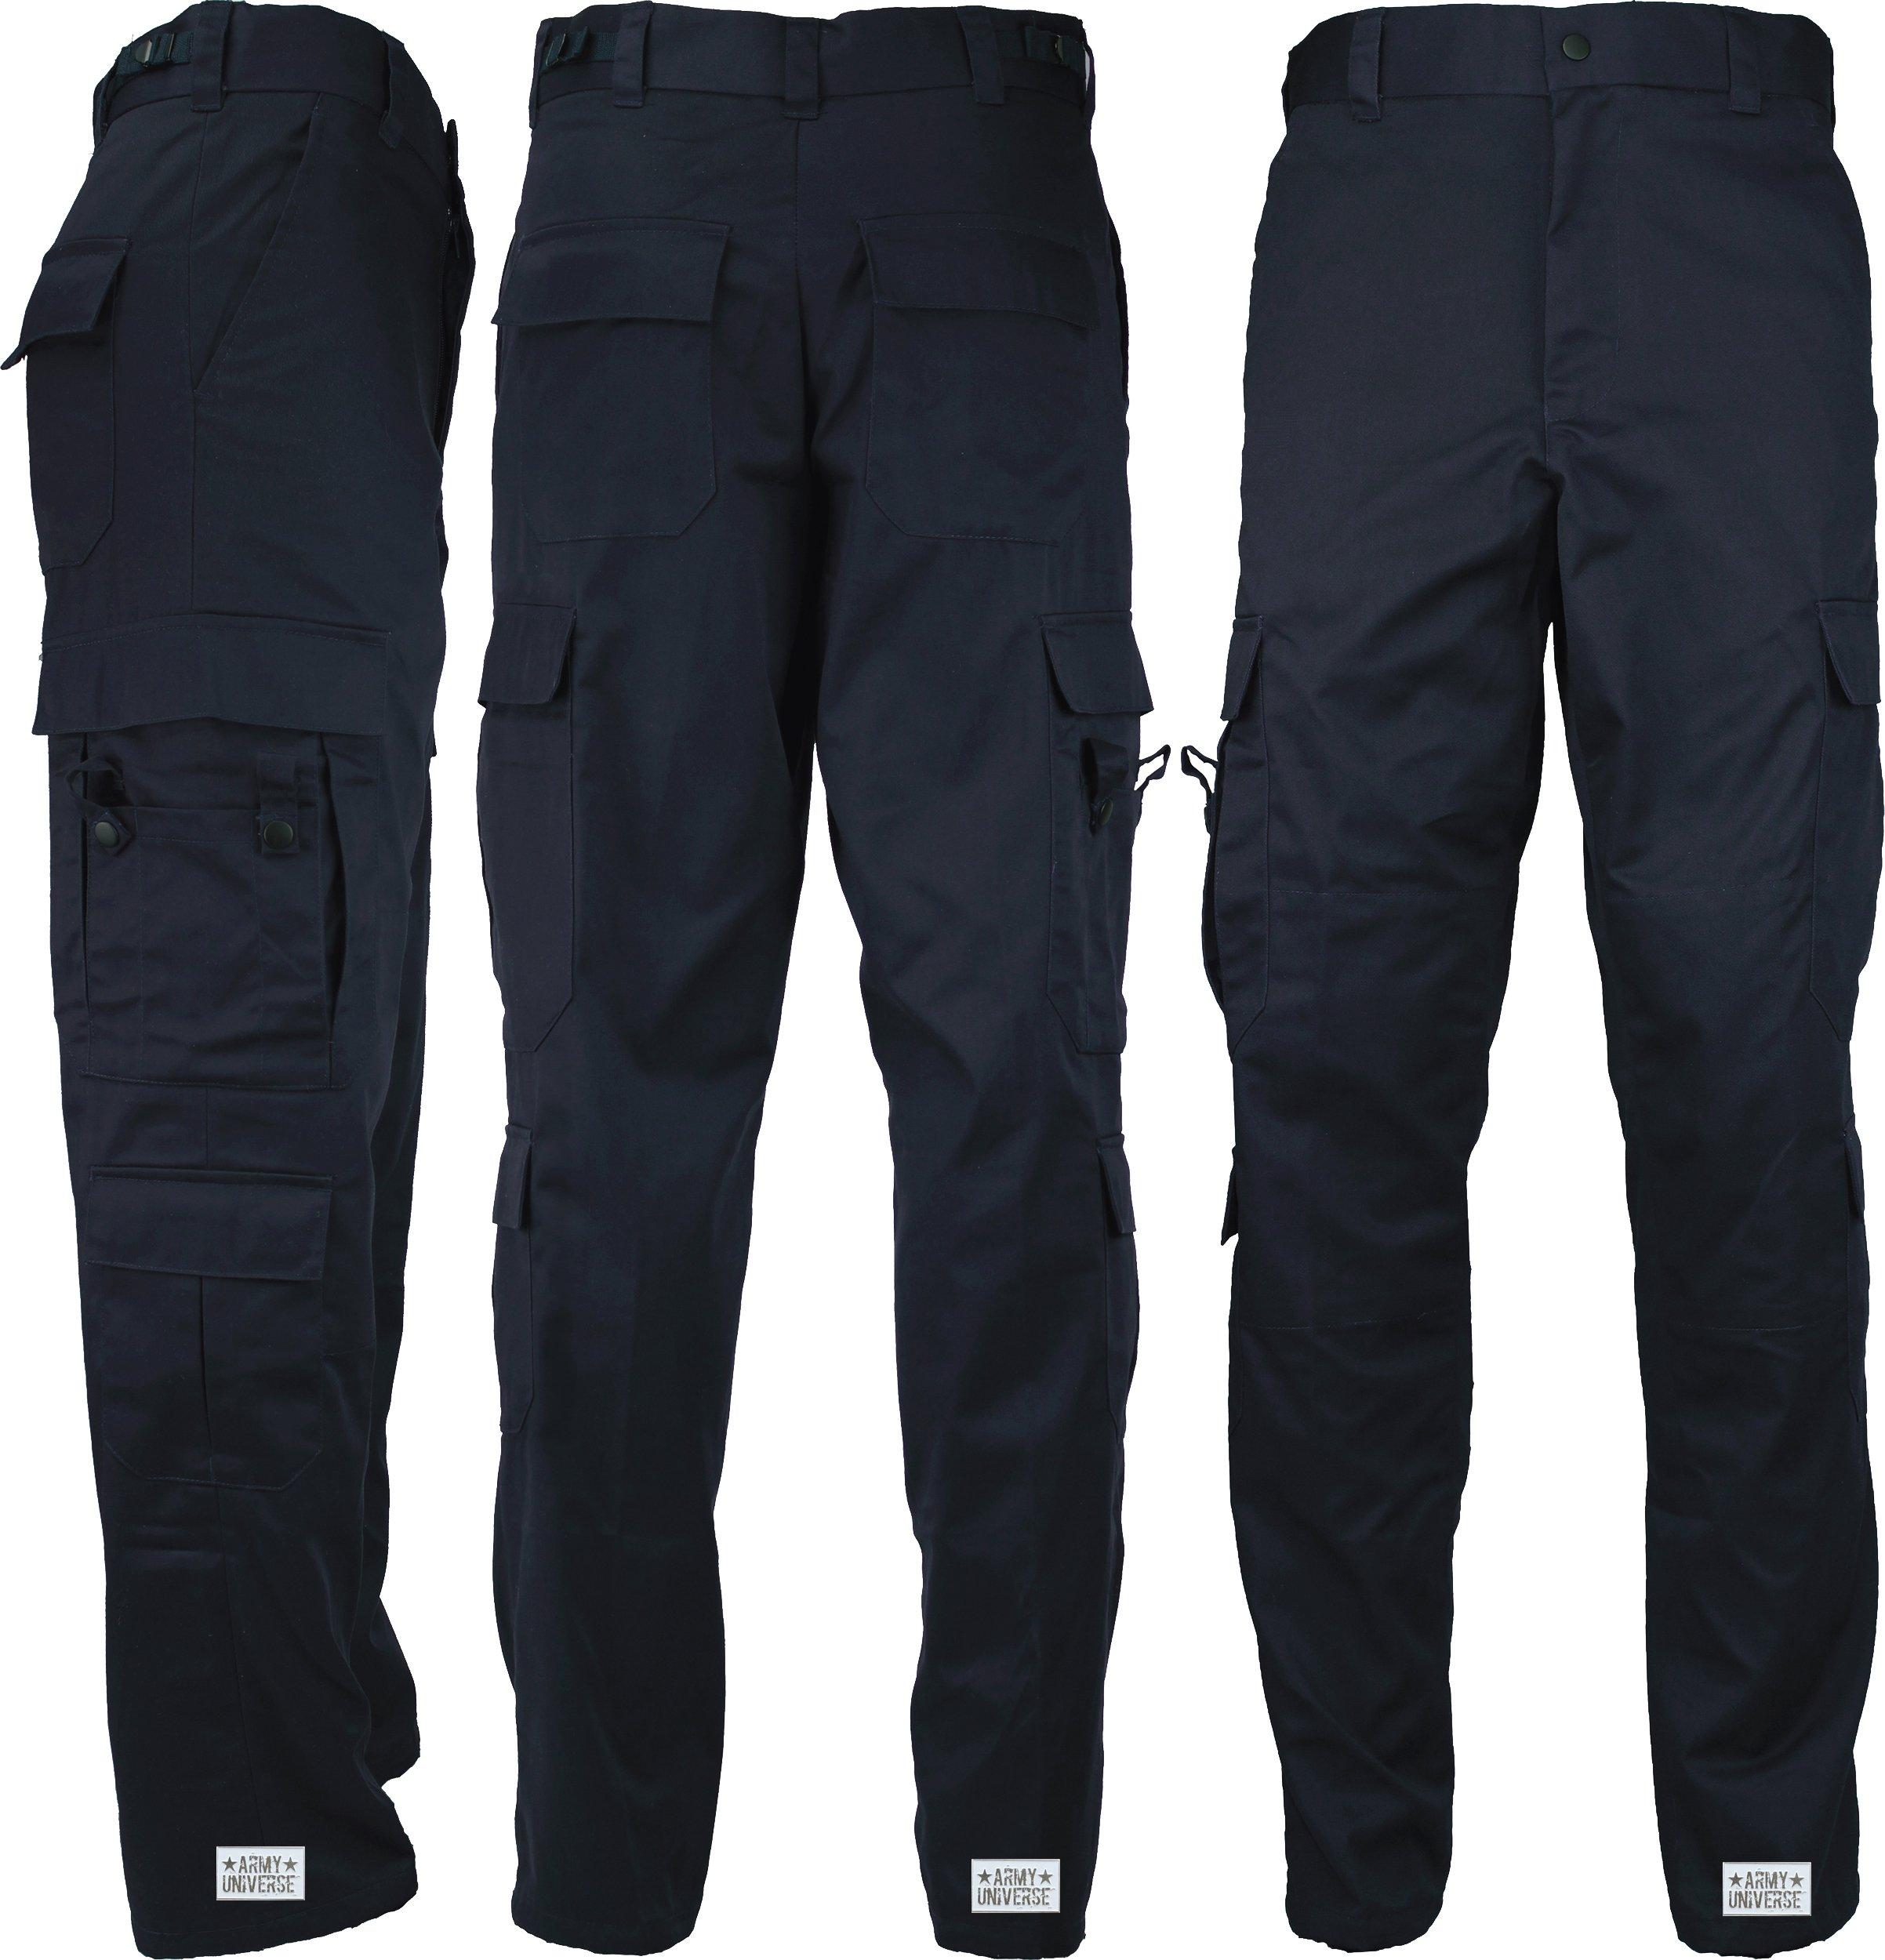 Midnight Dark Navy Blue Uniform 9 Pocket Cargo Pants 6be4393950d